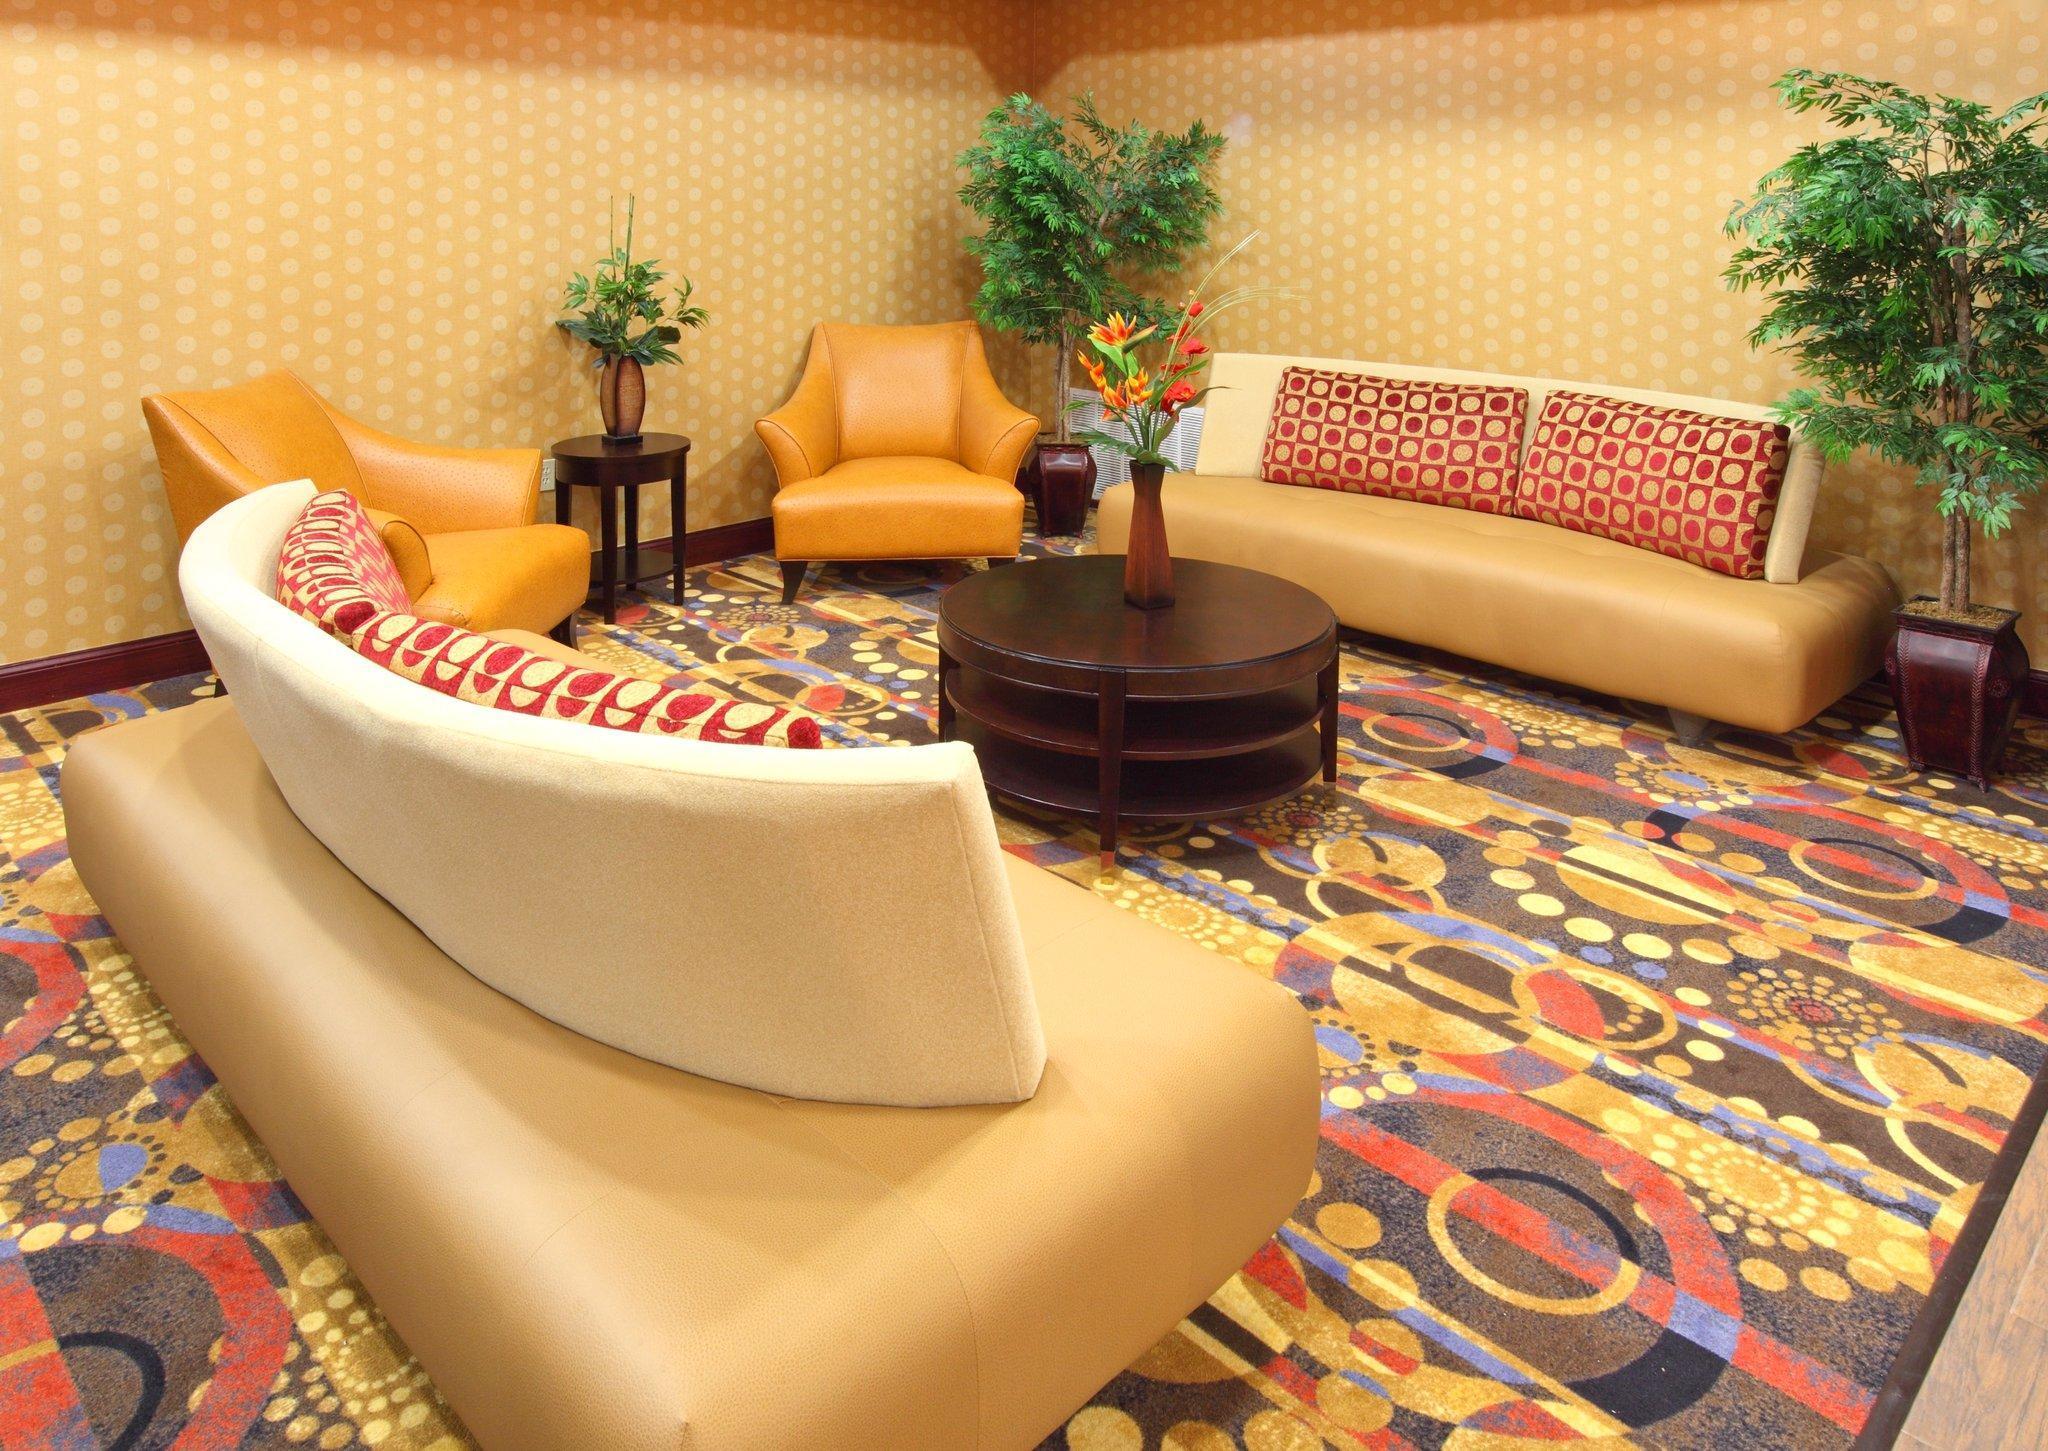 Holiday Inn Express Hotel & Suites Van Buren Fort Smith Area